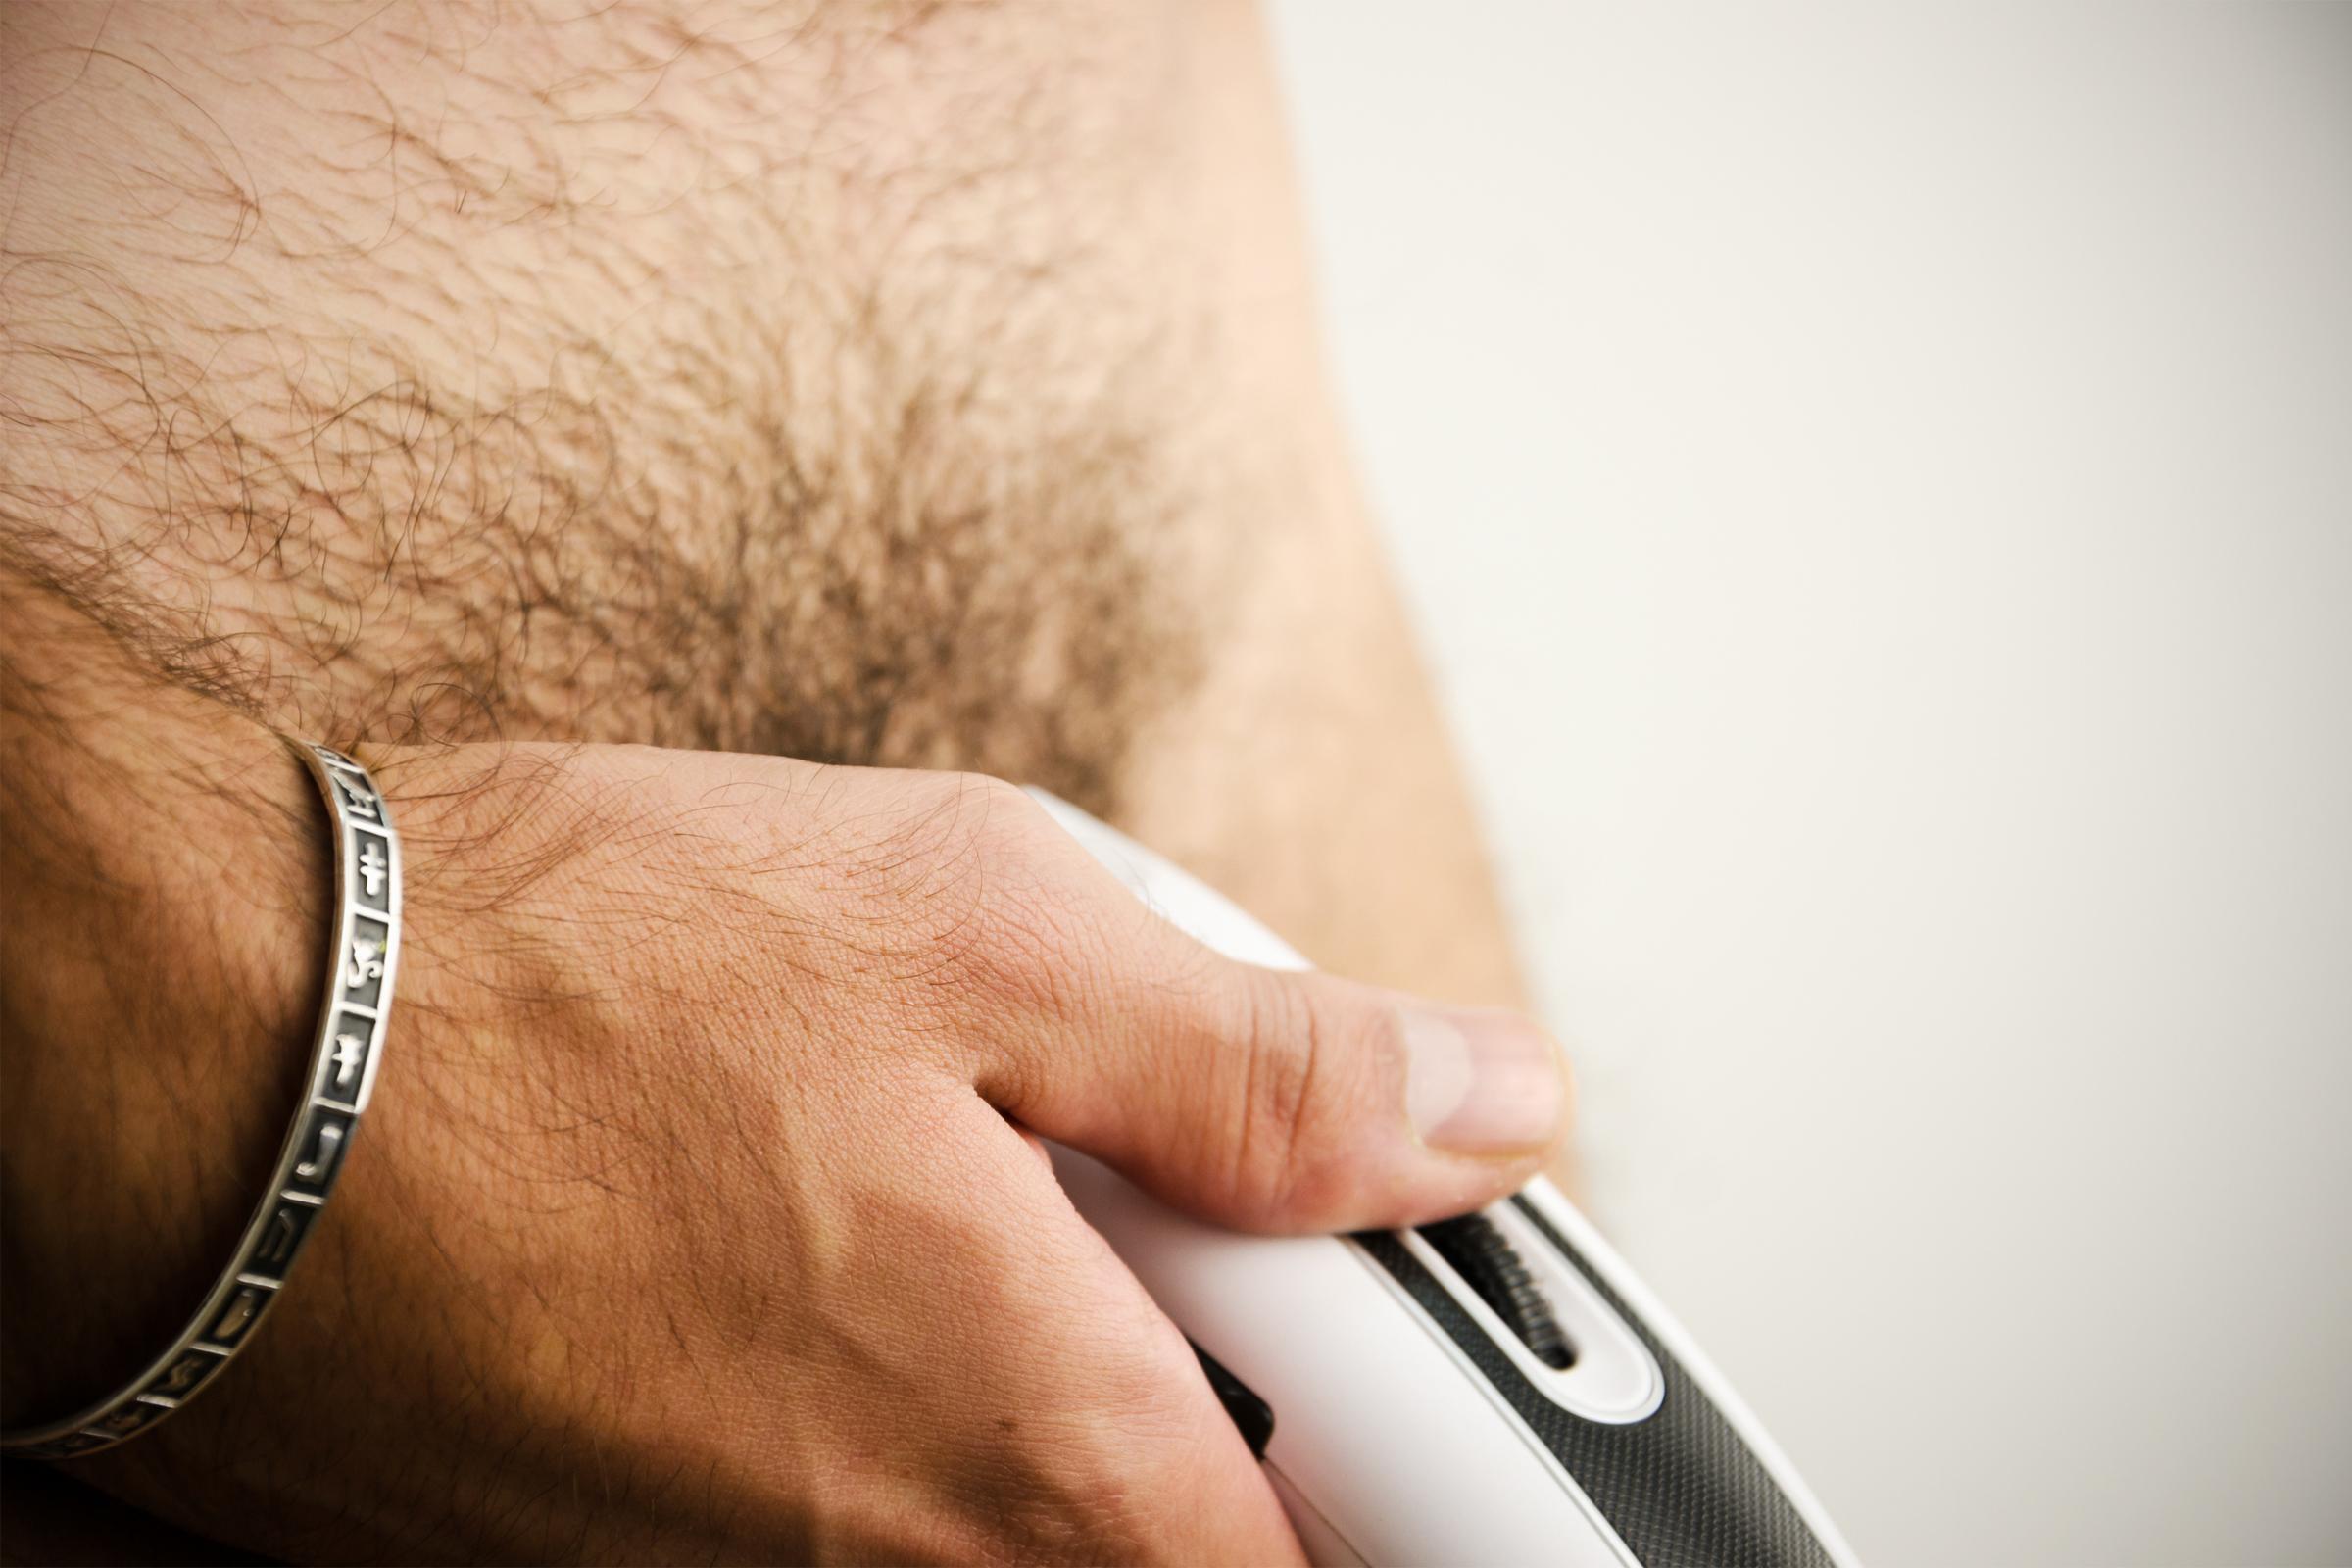 Intim szőrtelenítés. Már a férfiak is? - EgészségKalauz